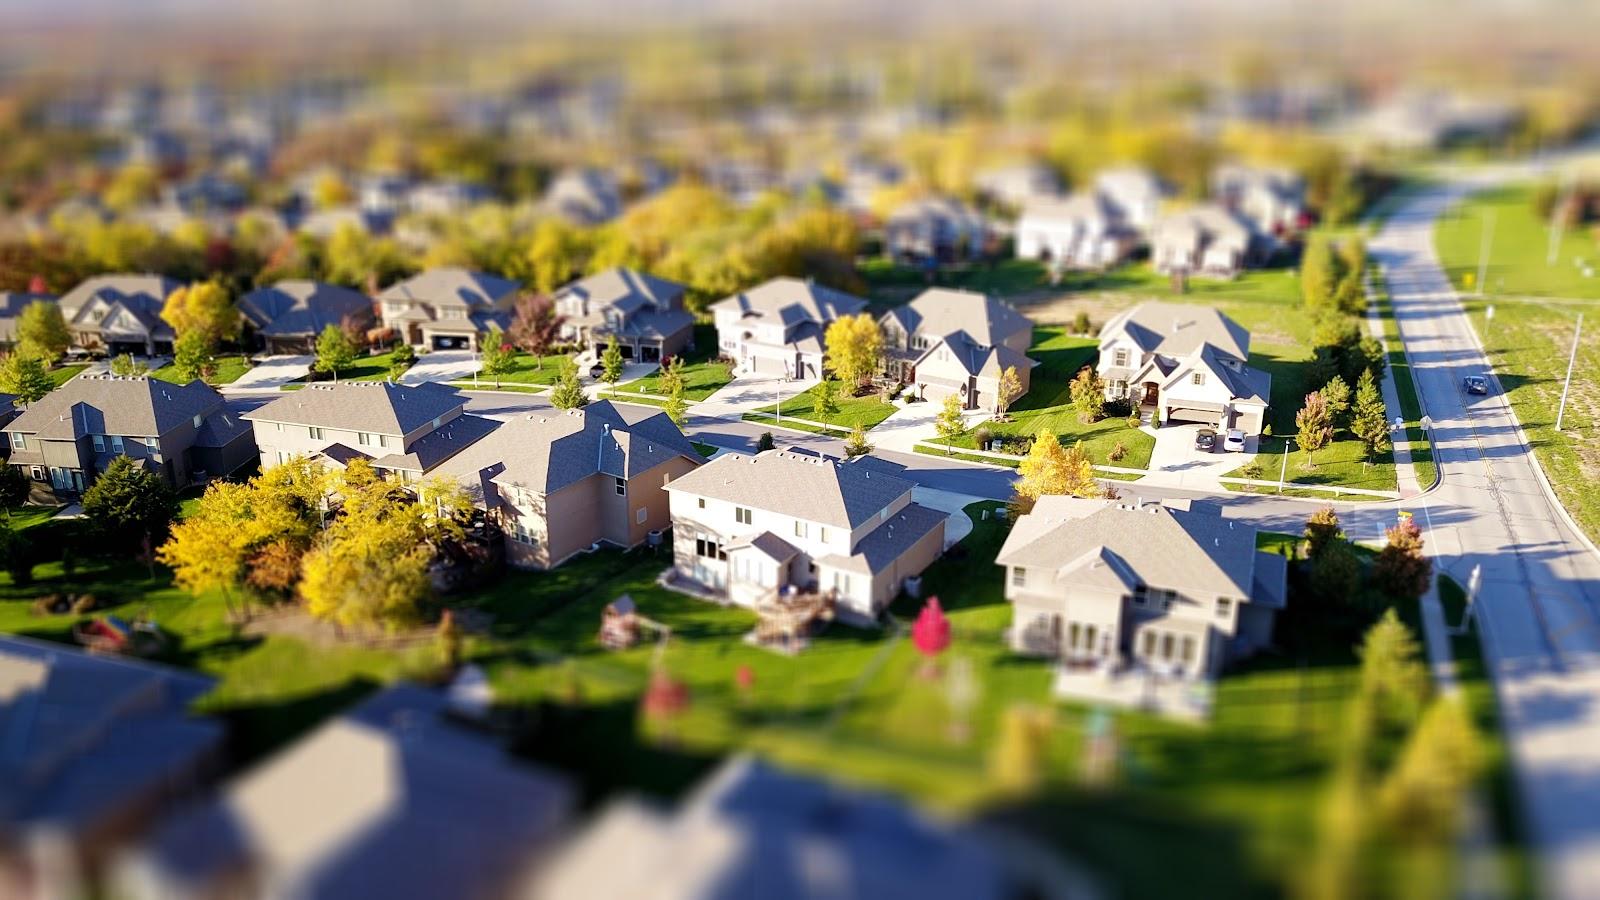 Model of a neighborhood